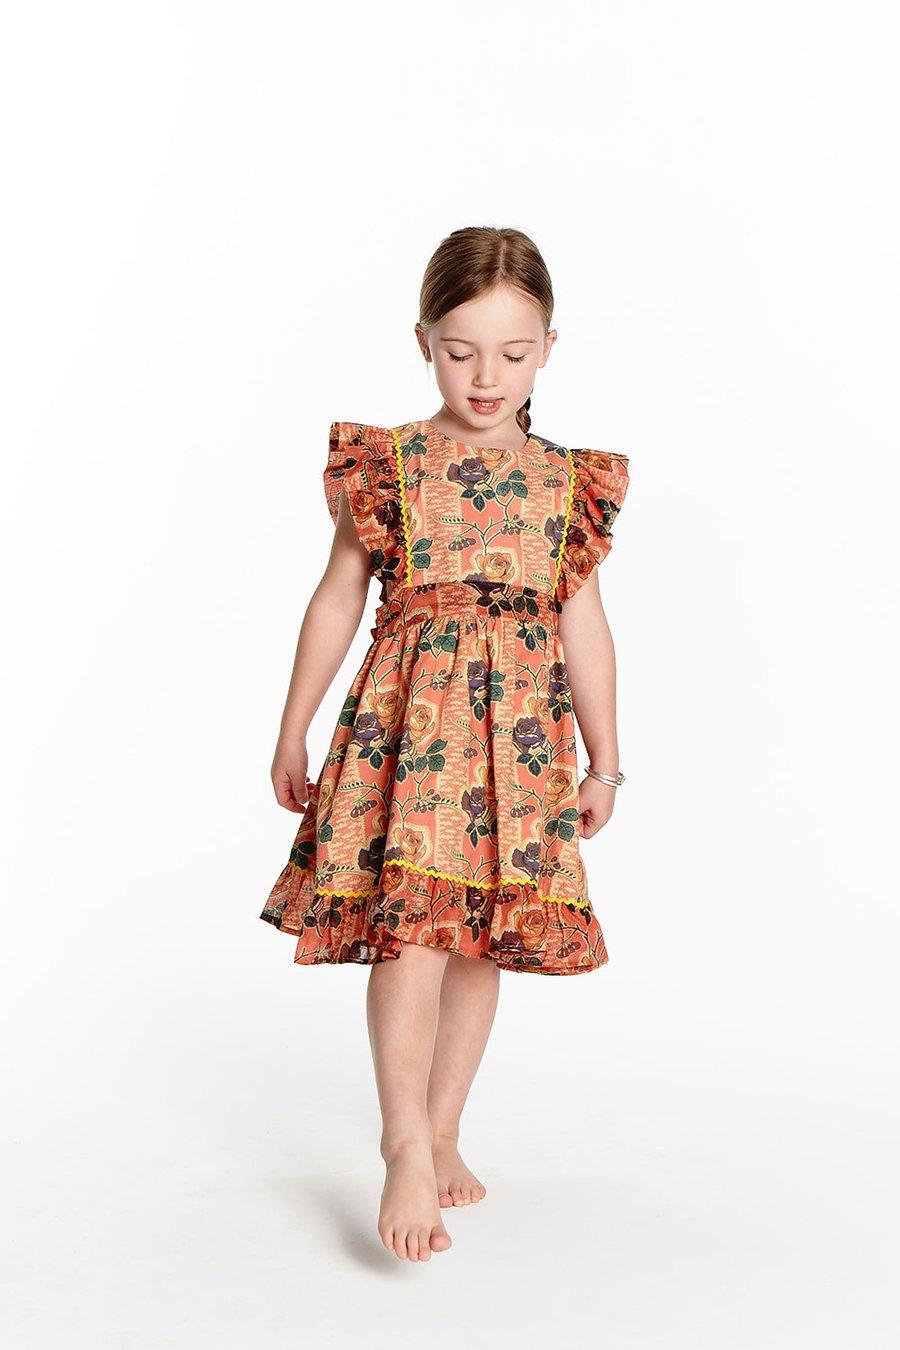 Image of Sunday Pinafore Dress - Wild Rose